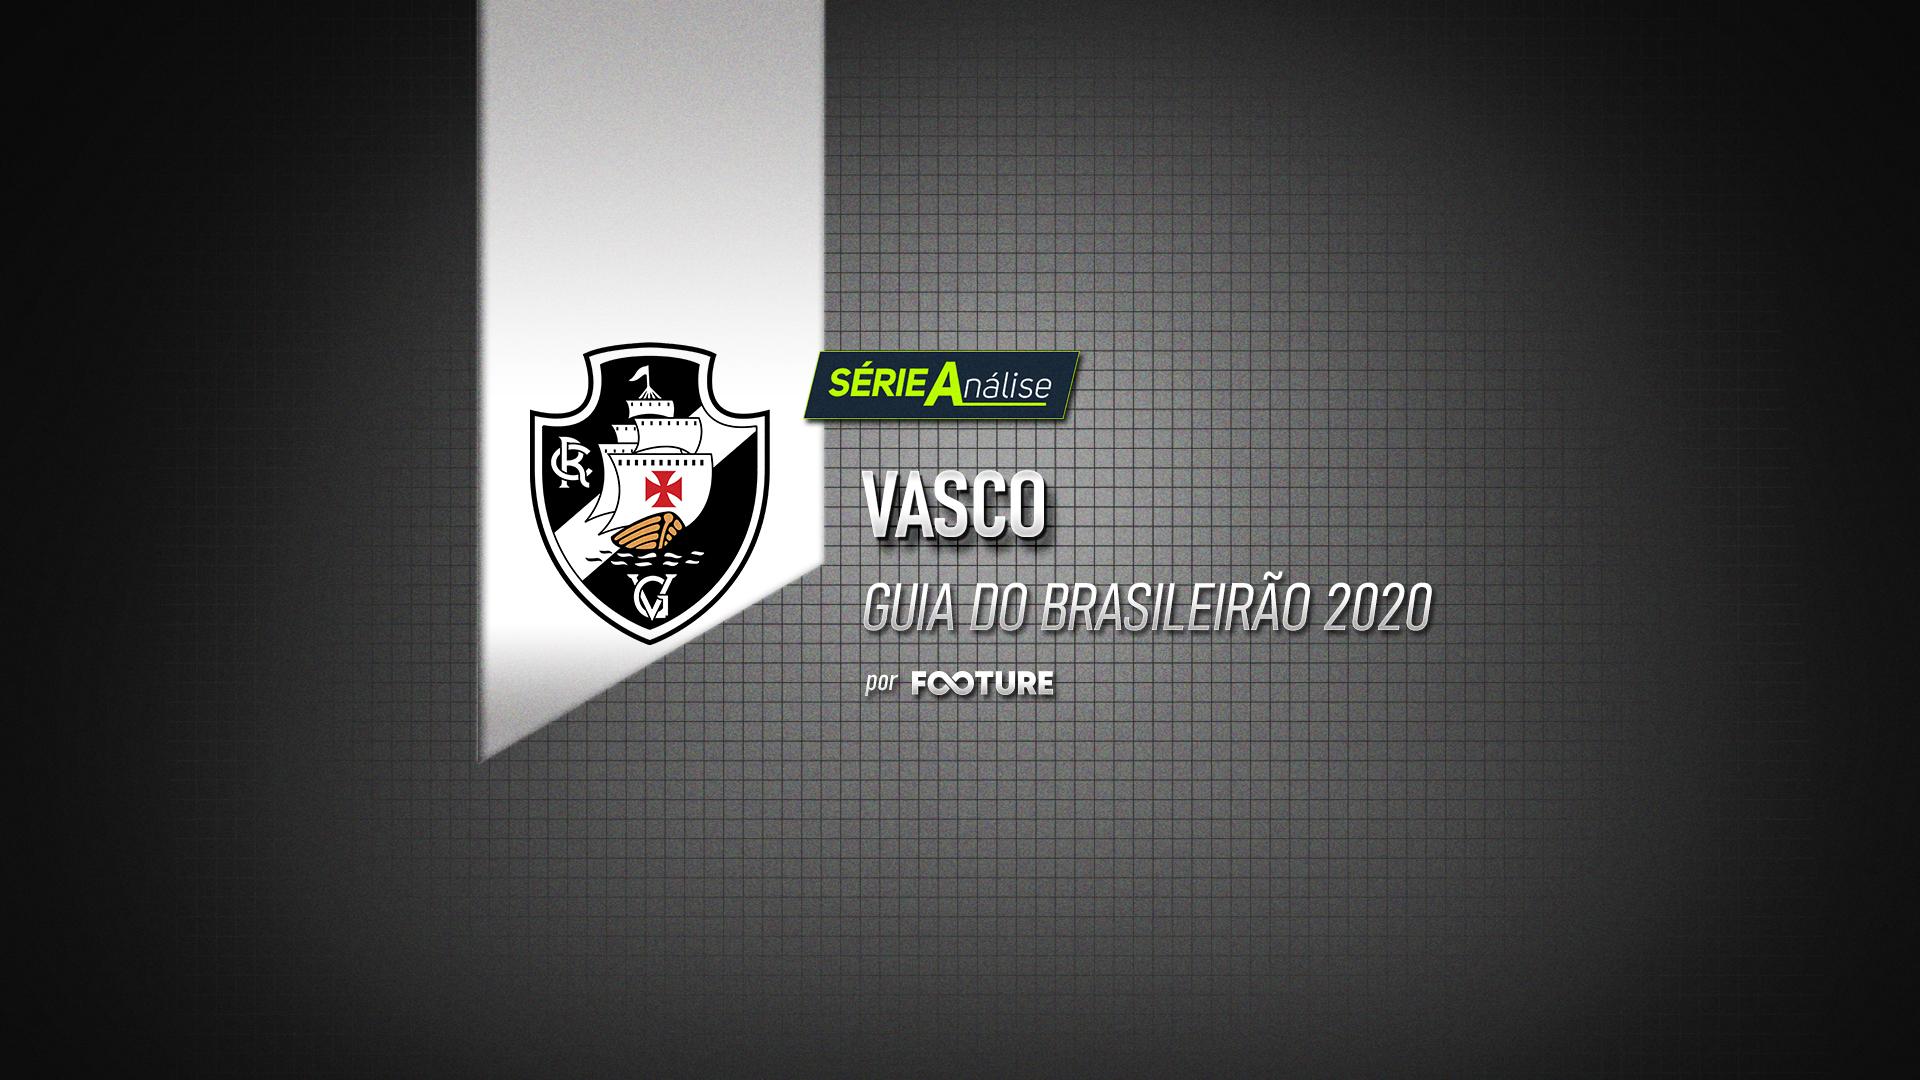 Guia do Brasileirão 2020 – Vasco